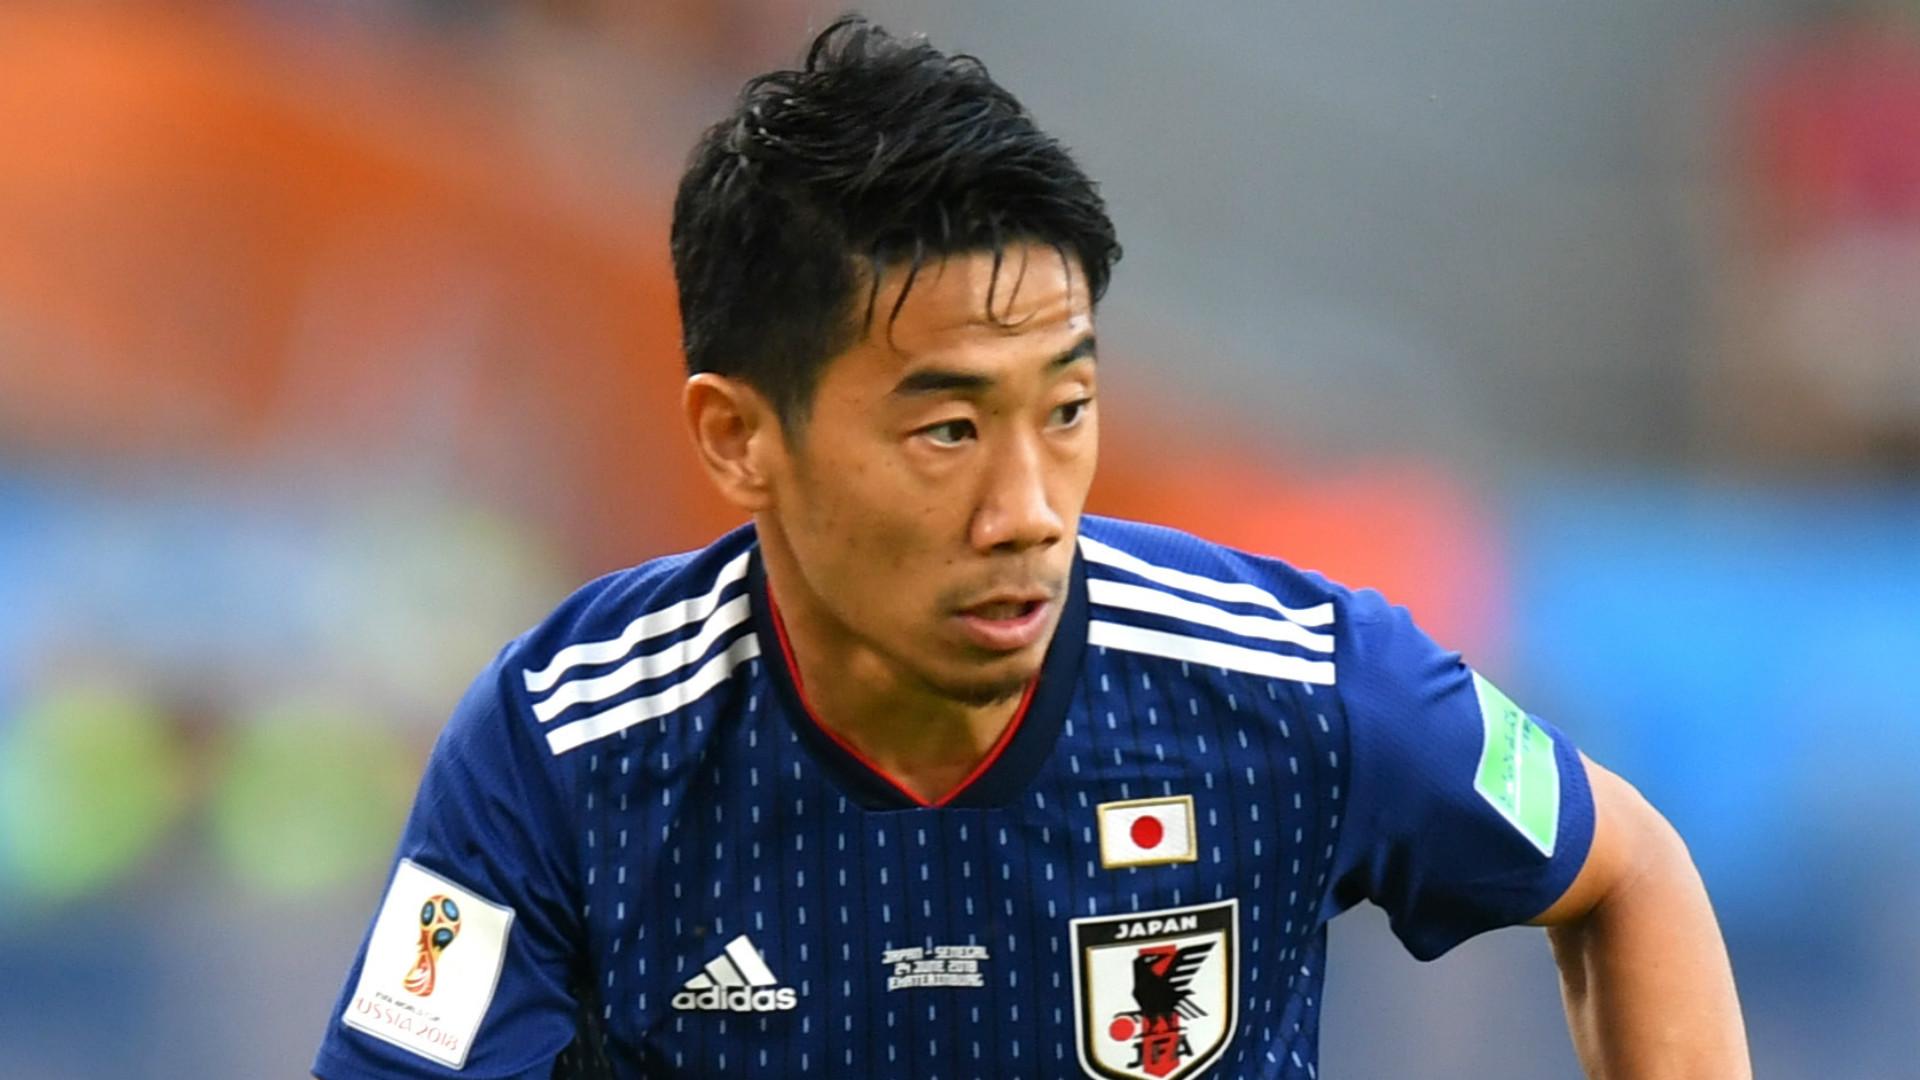 Shinji Kagawa Japan 2018